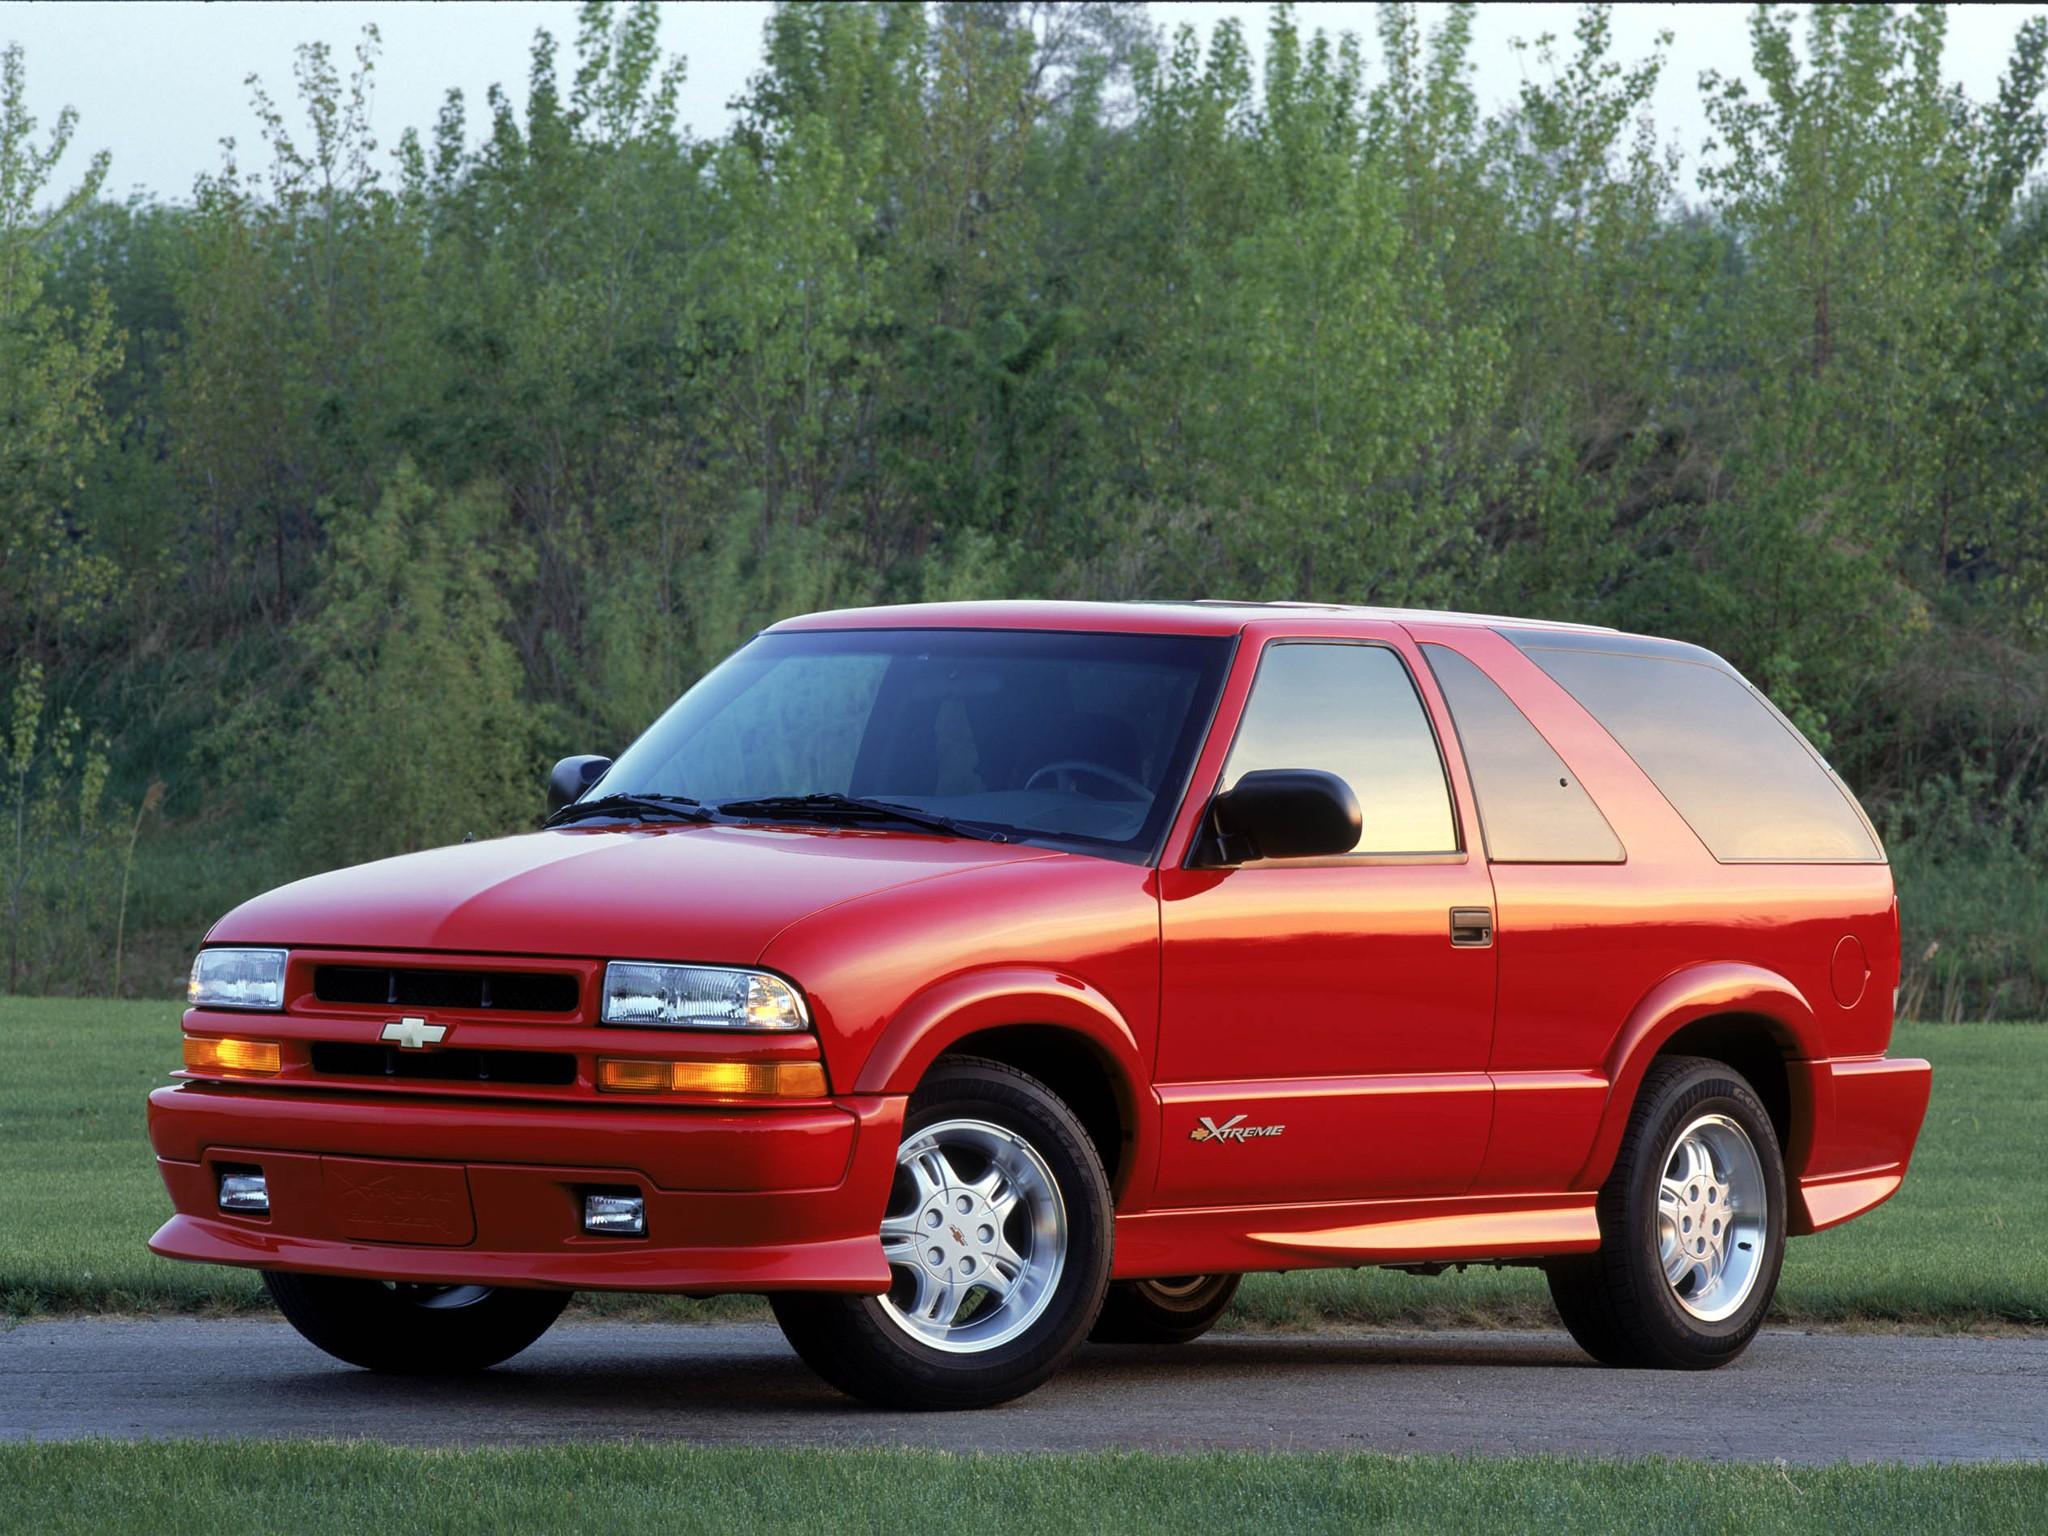 Chevrolet Blazer Doors on 2000 Chevrolet Blazer